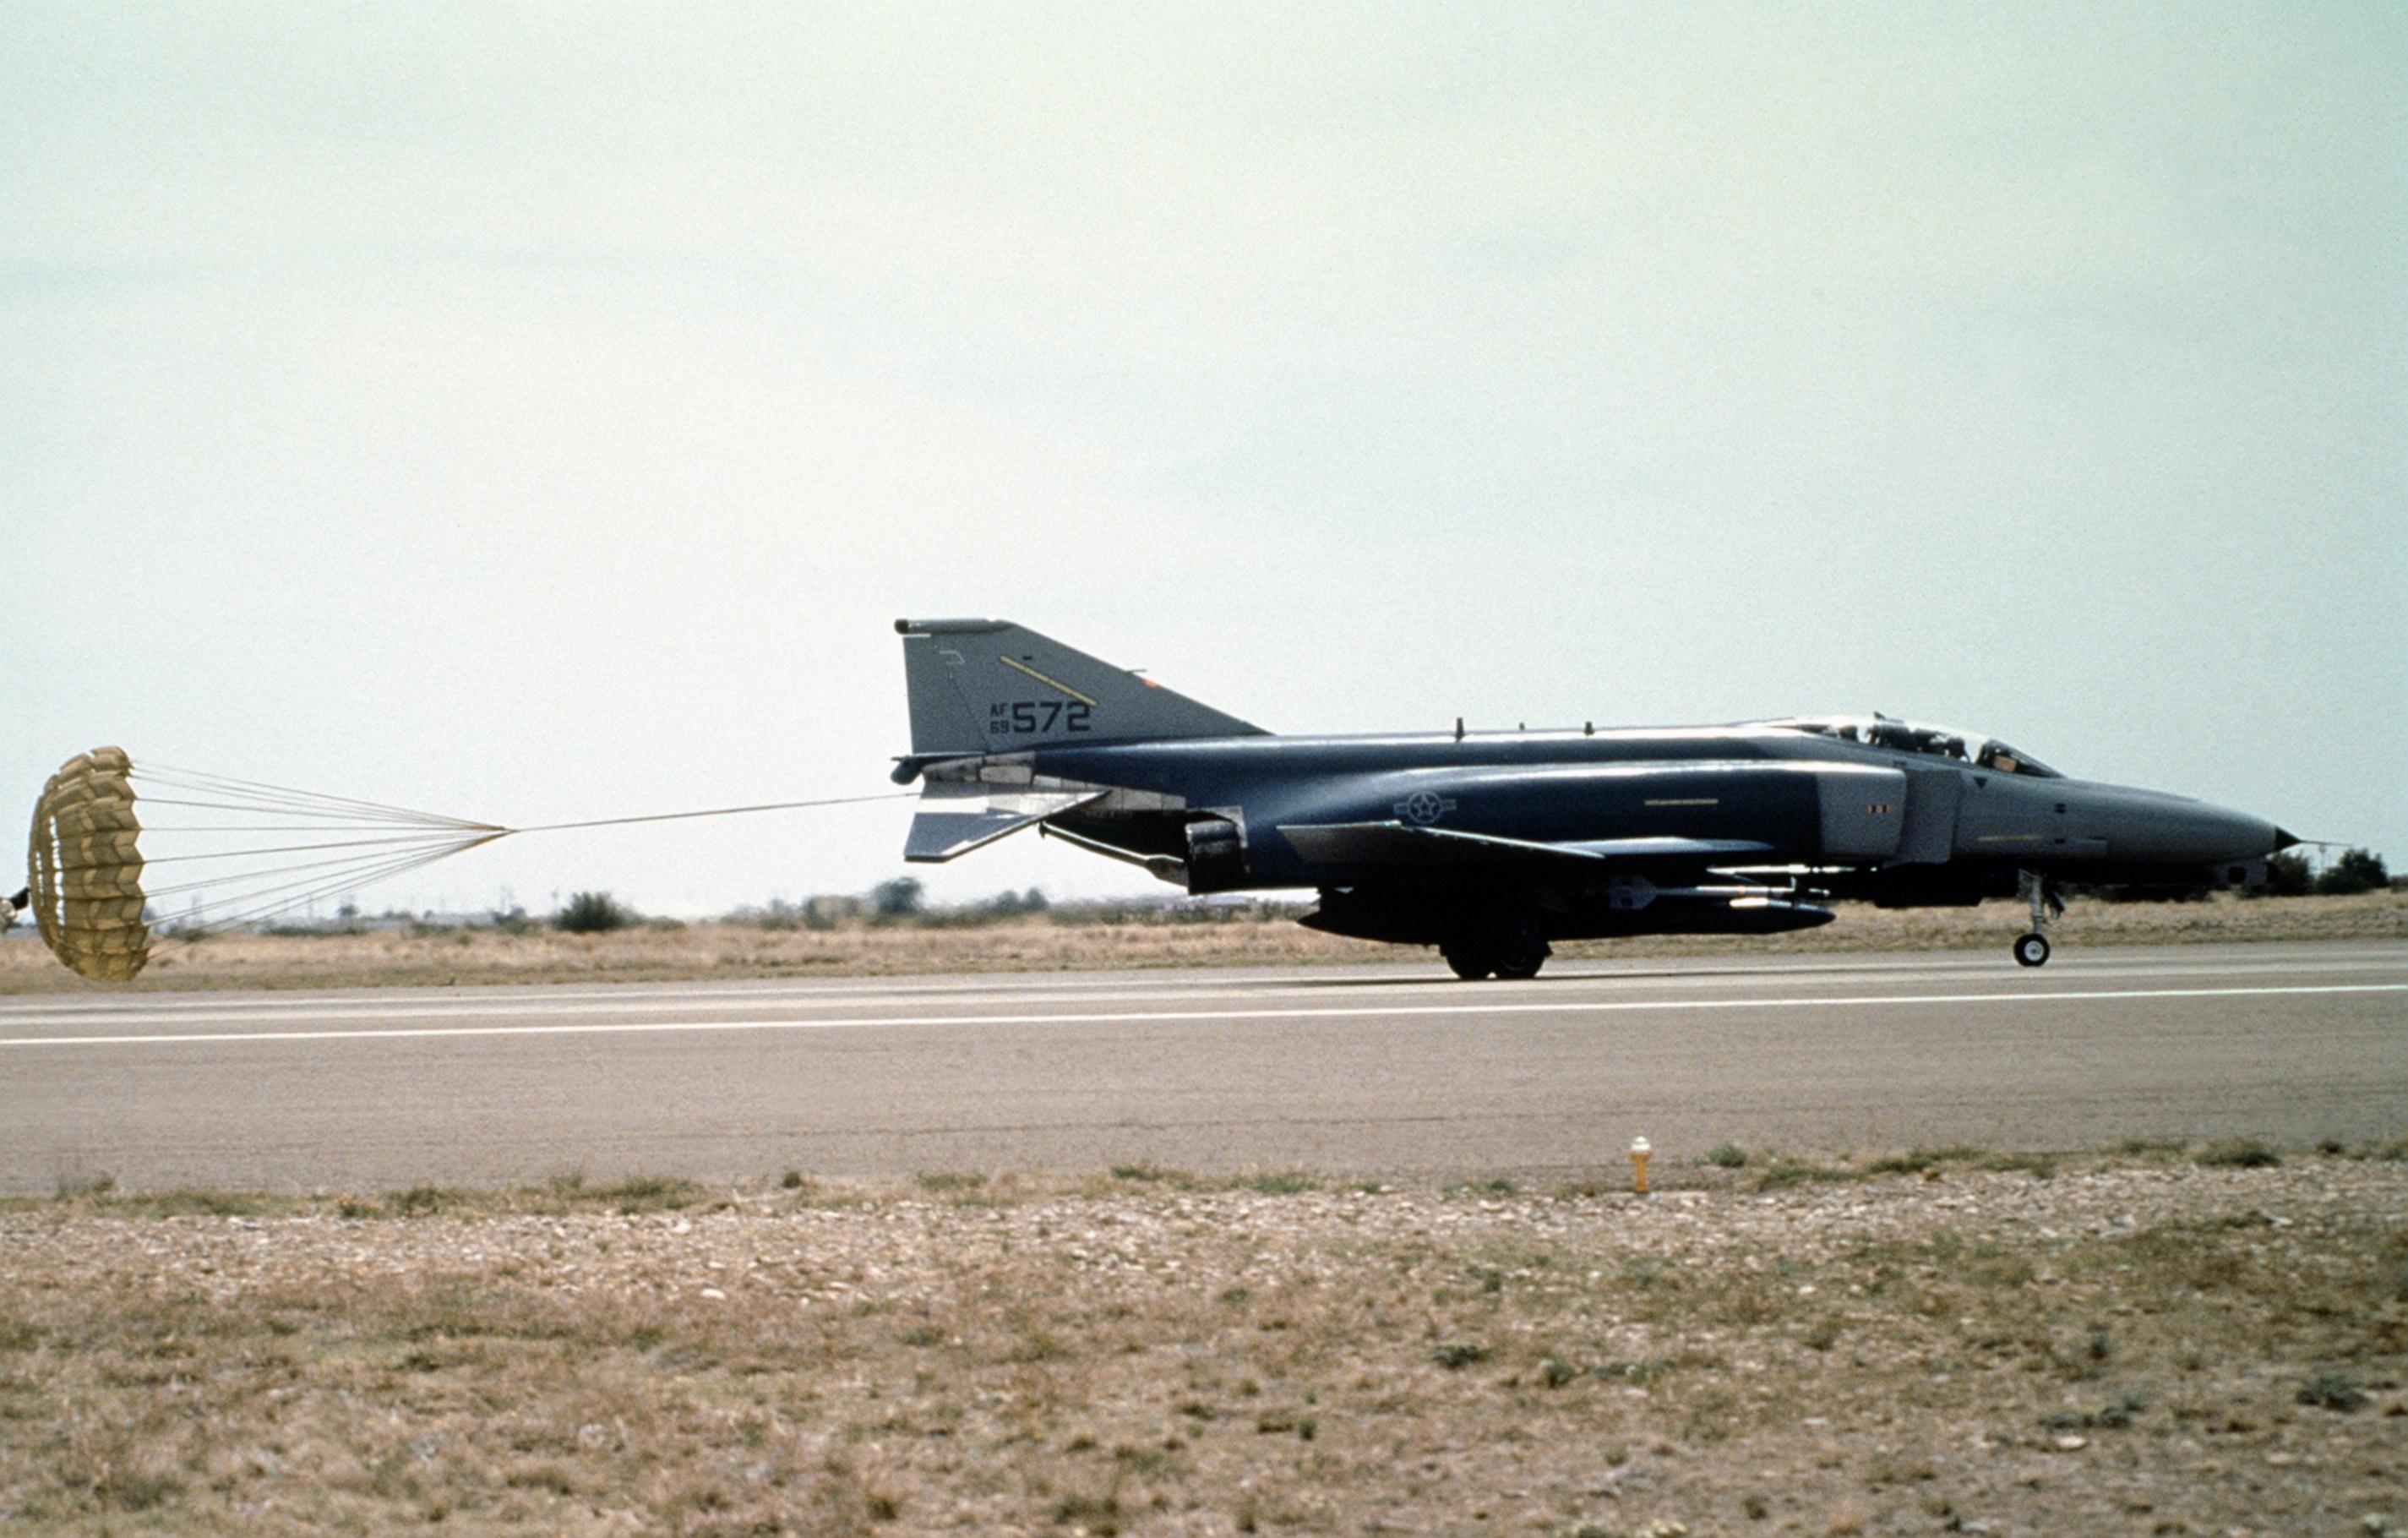 File:F-4G Idaho ANG landing at Roswell NM 1995.JPEG